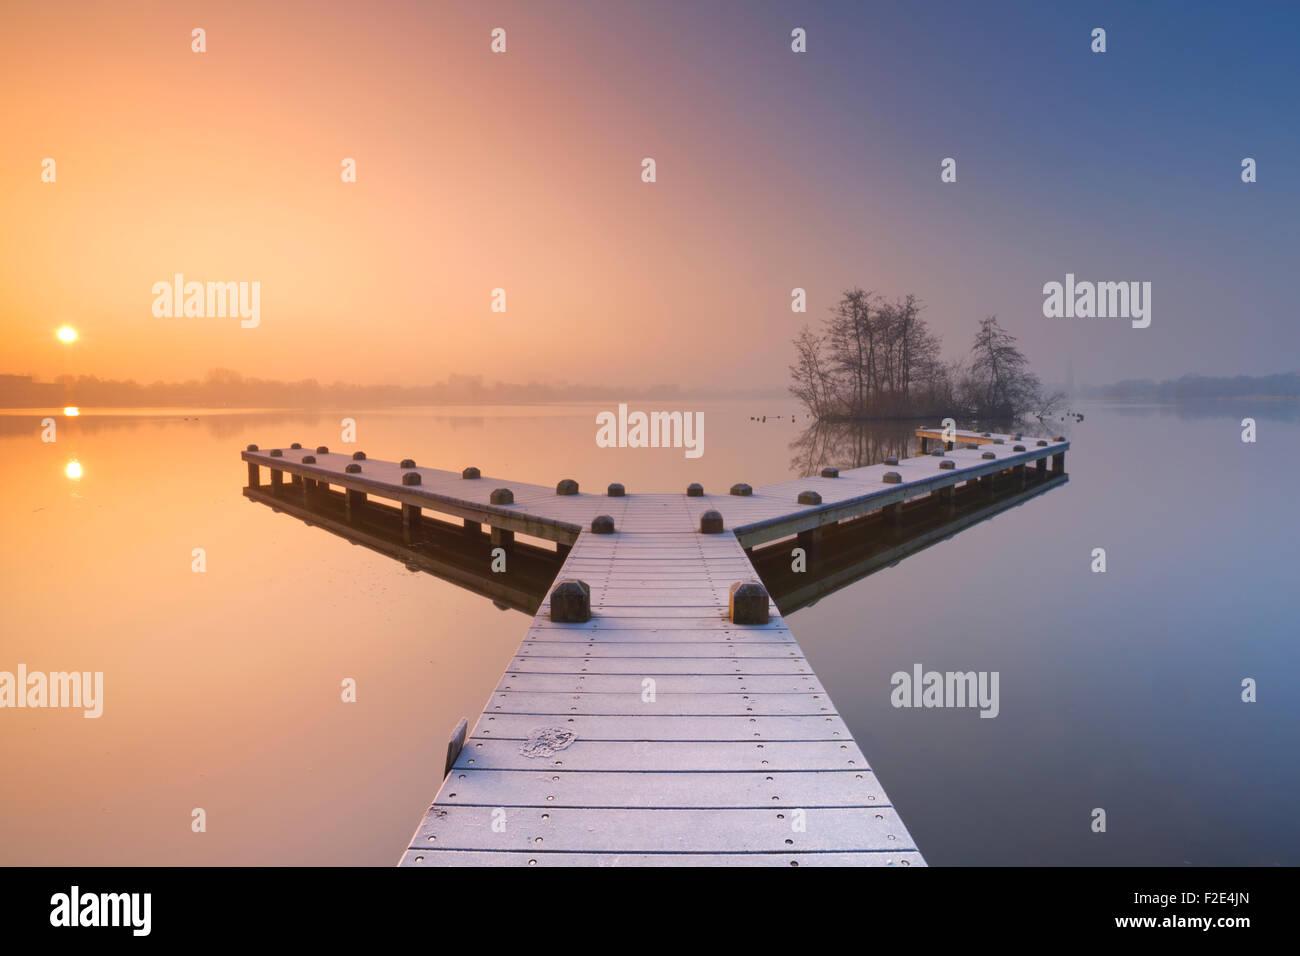 Un frosty jetée sur un beau matin brumeux en hiver. Photographié dans le renommé Amsterdamse Bos Photo Stock